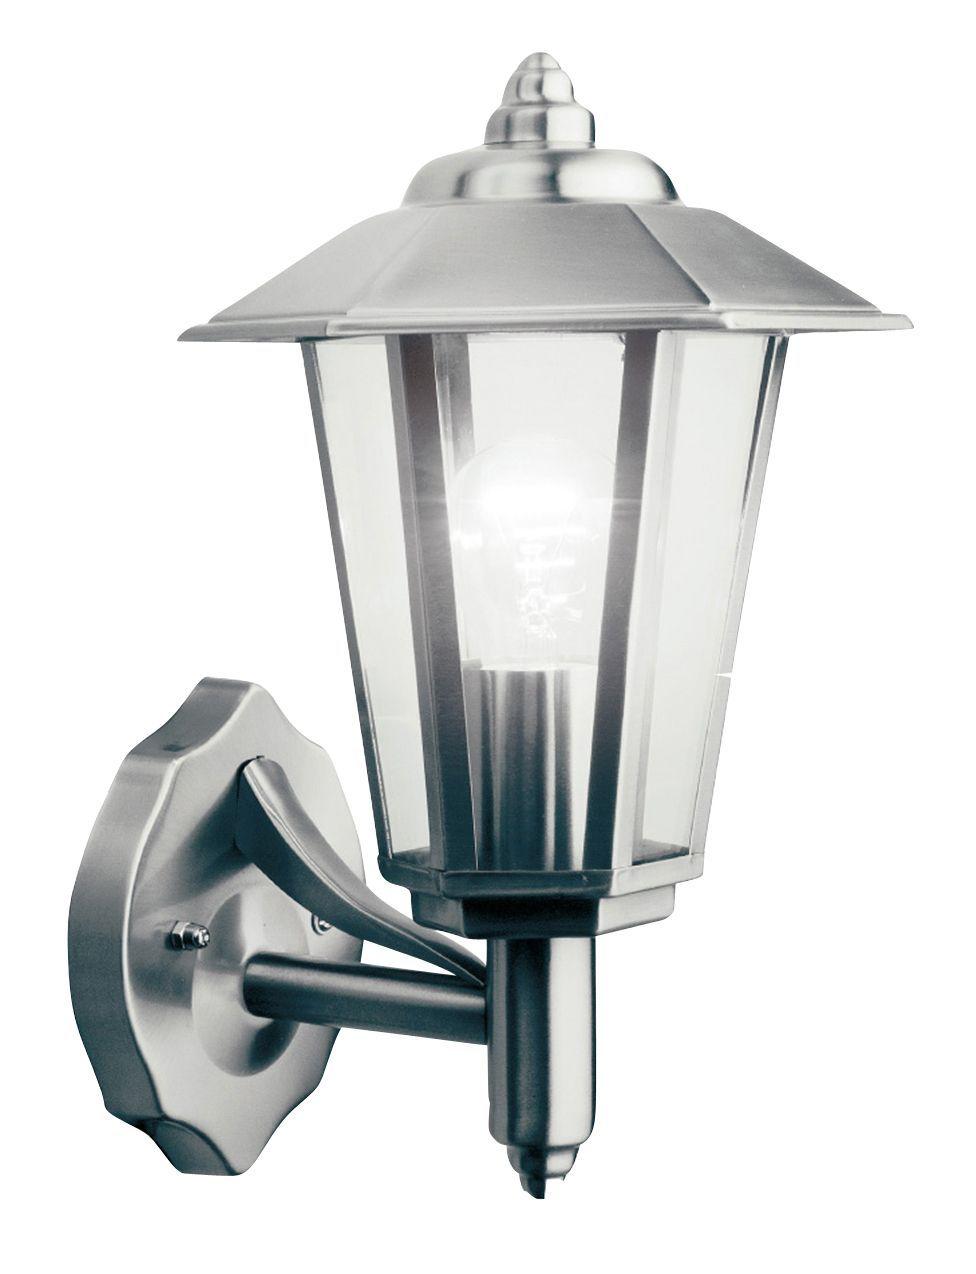 Newport Stainless Steel Mains Powered External Wall Lantern